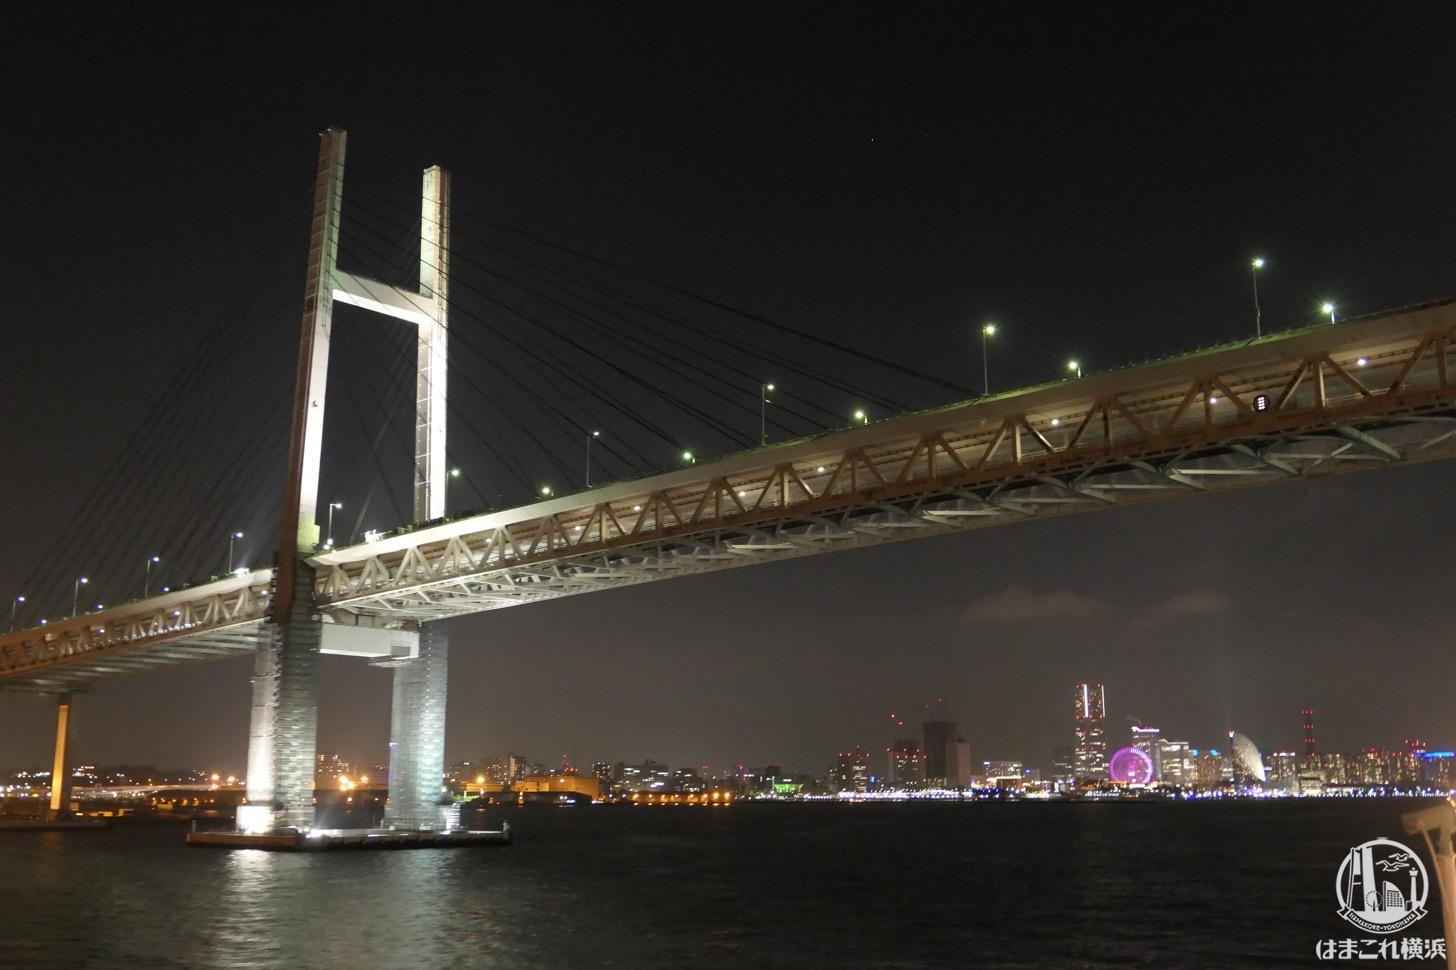 ロイヤルウイングから見る横浜の夜景